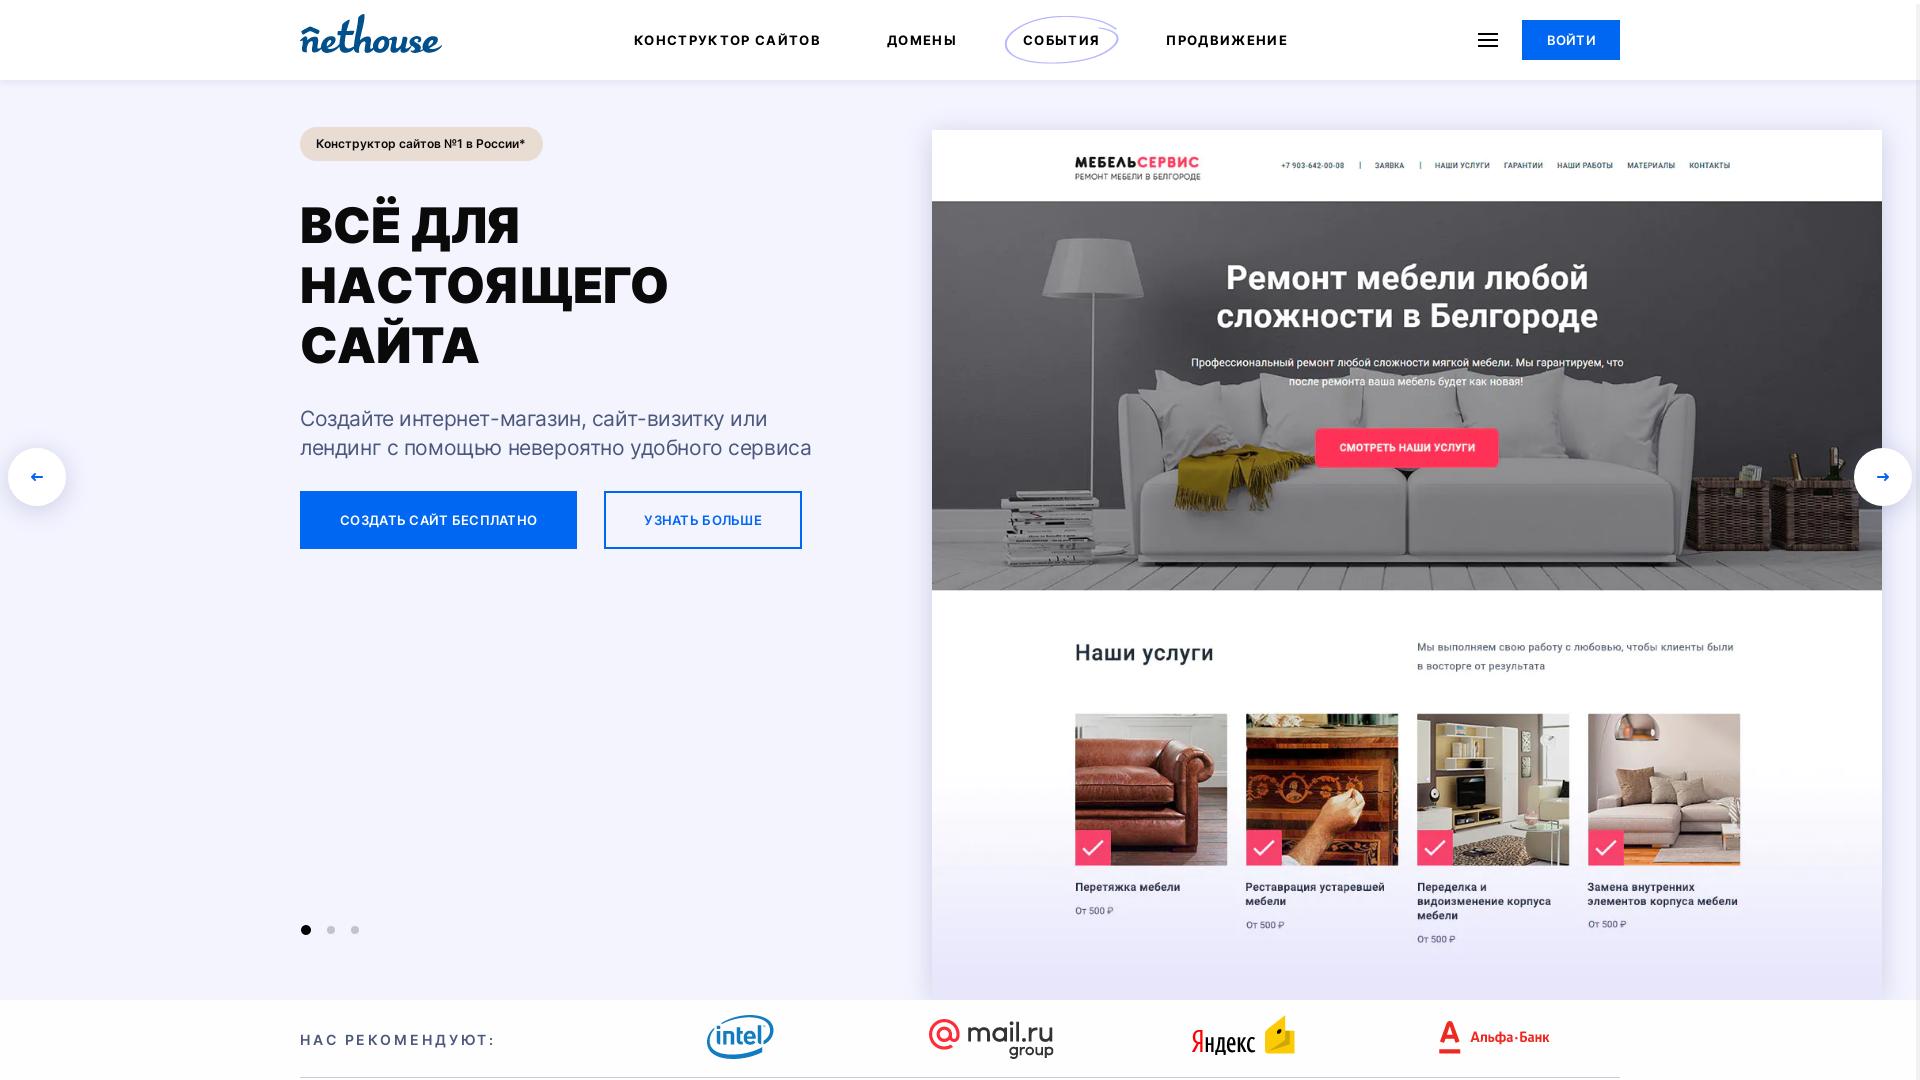 Nethouse website